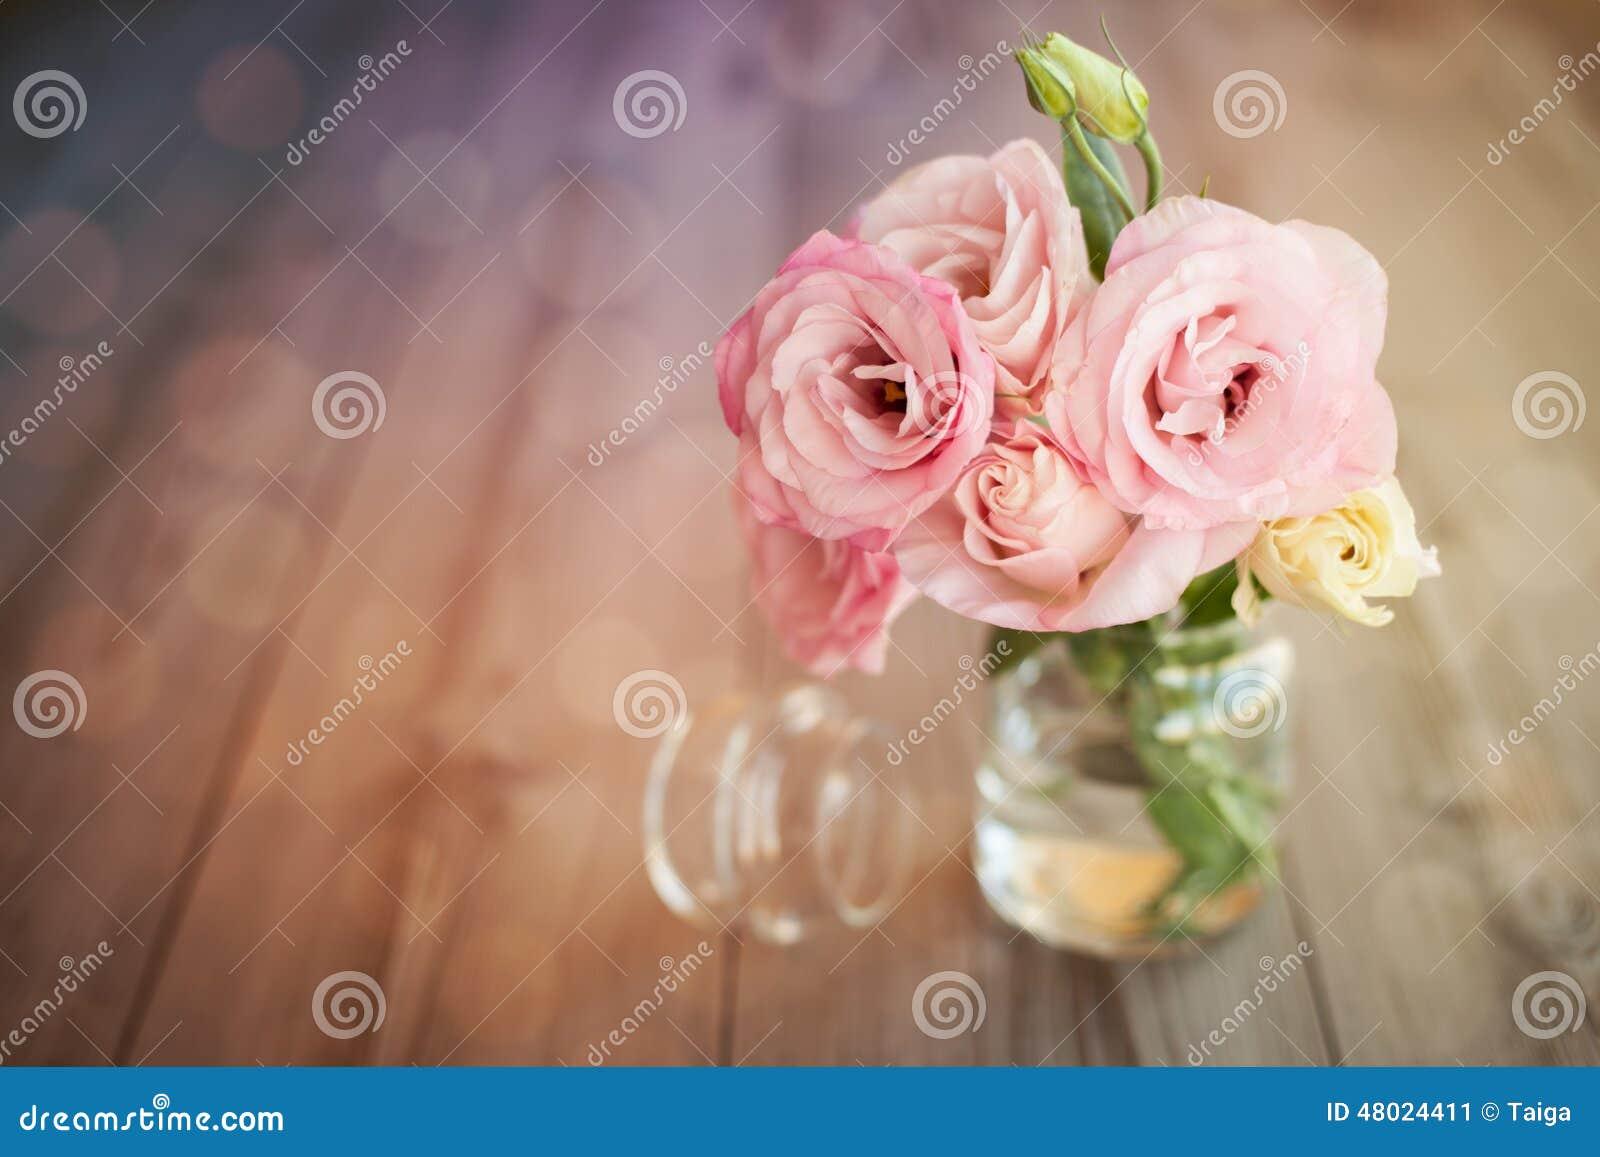 Kleurrijk stilleven met rozen in glasvaas